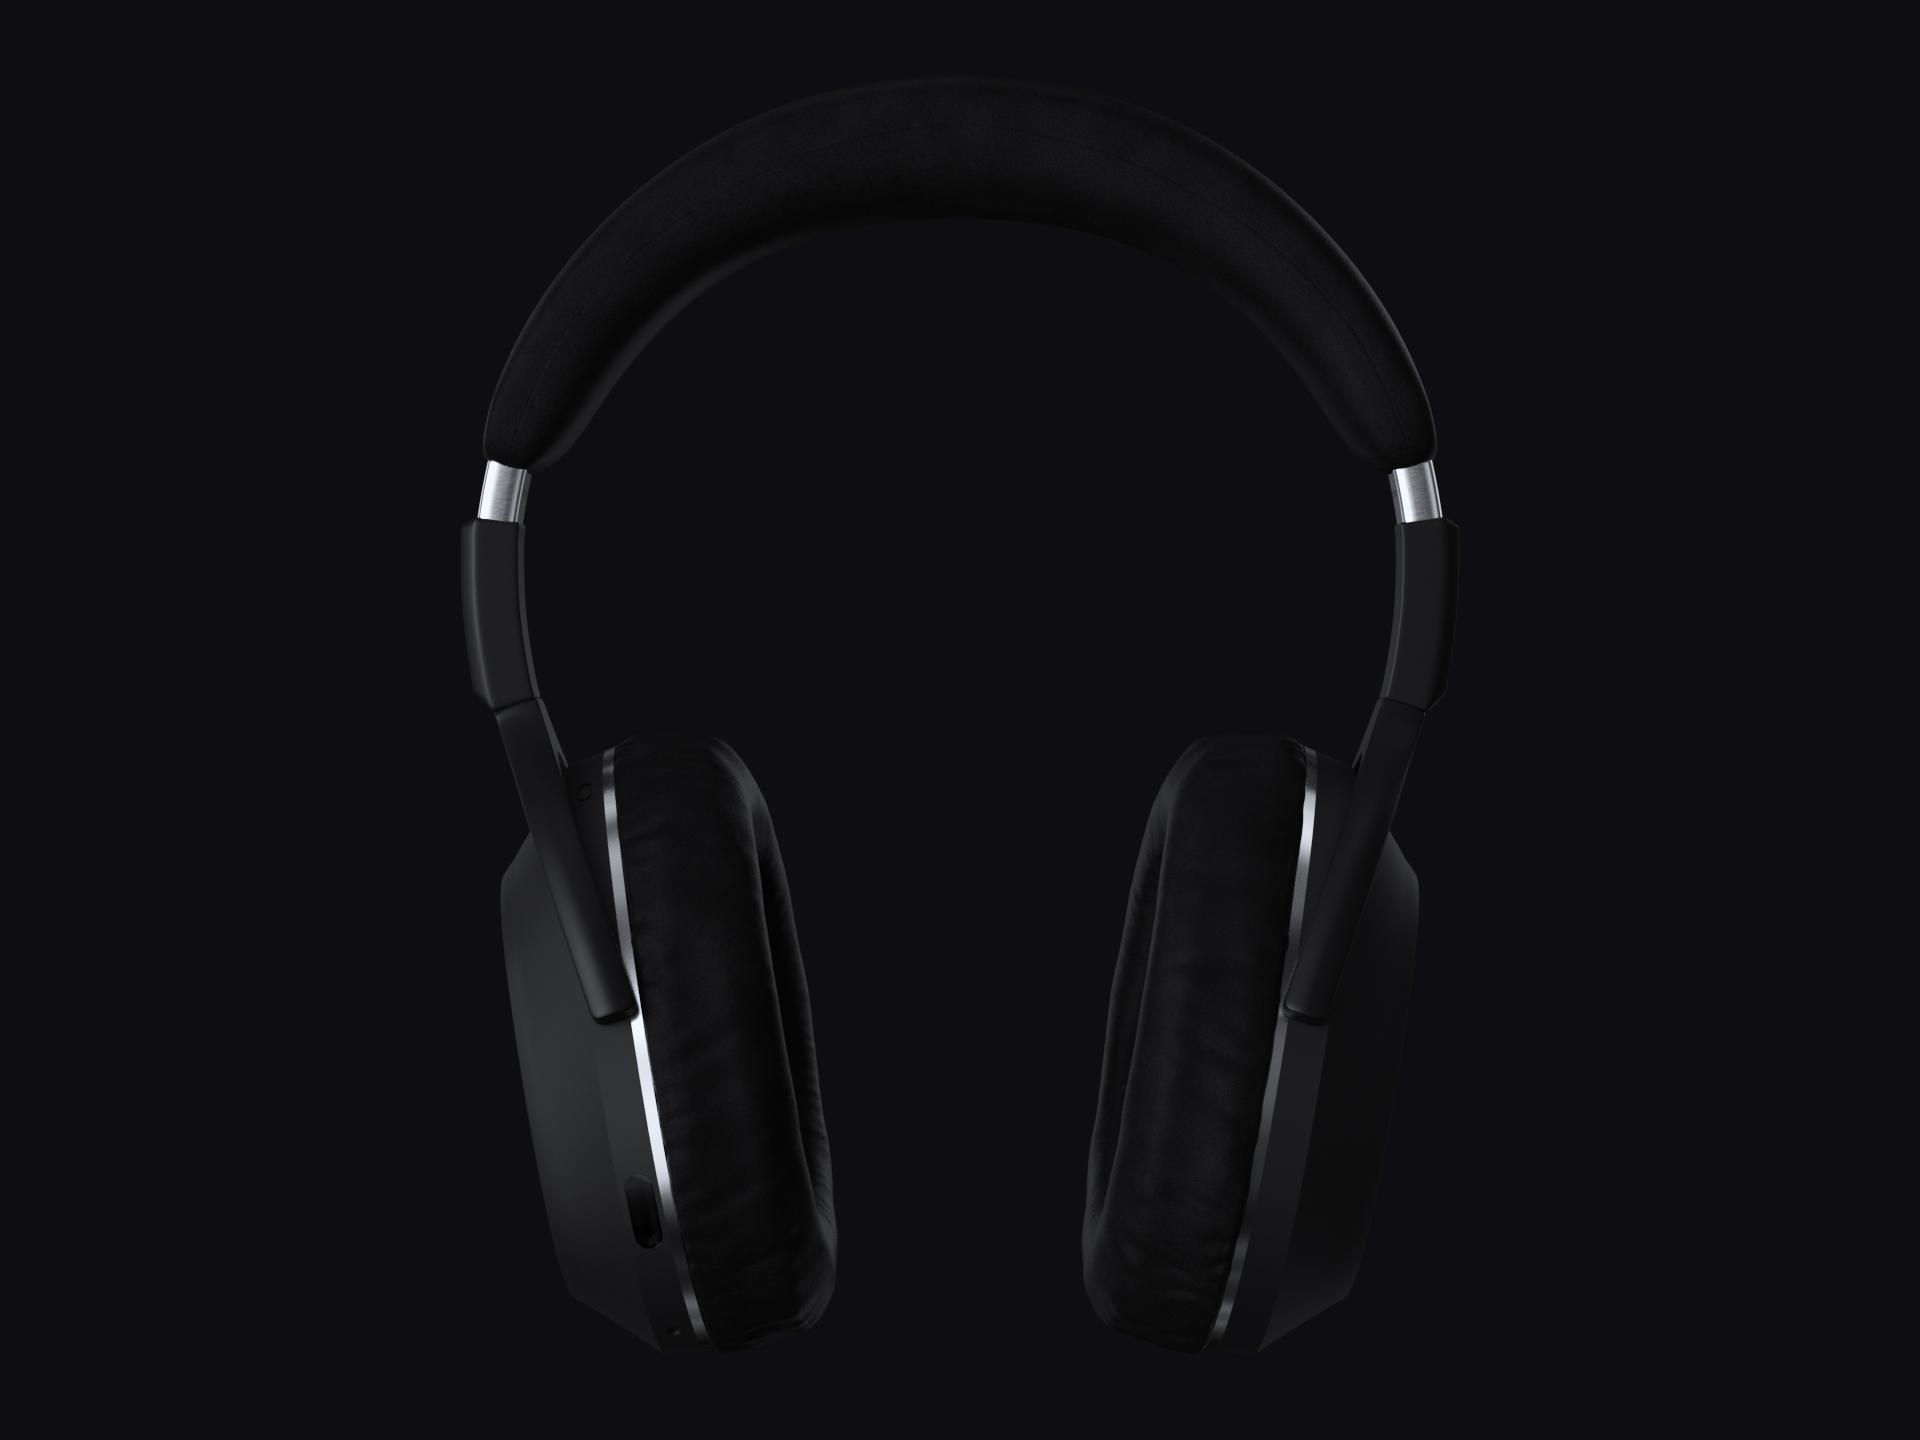 Front shot of the headphones